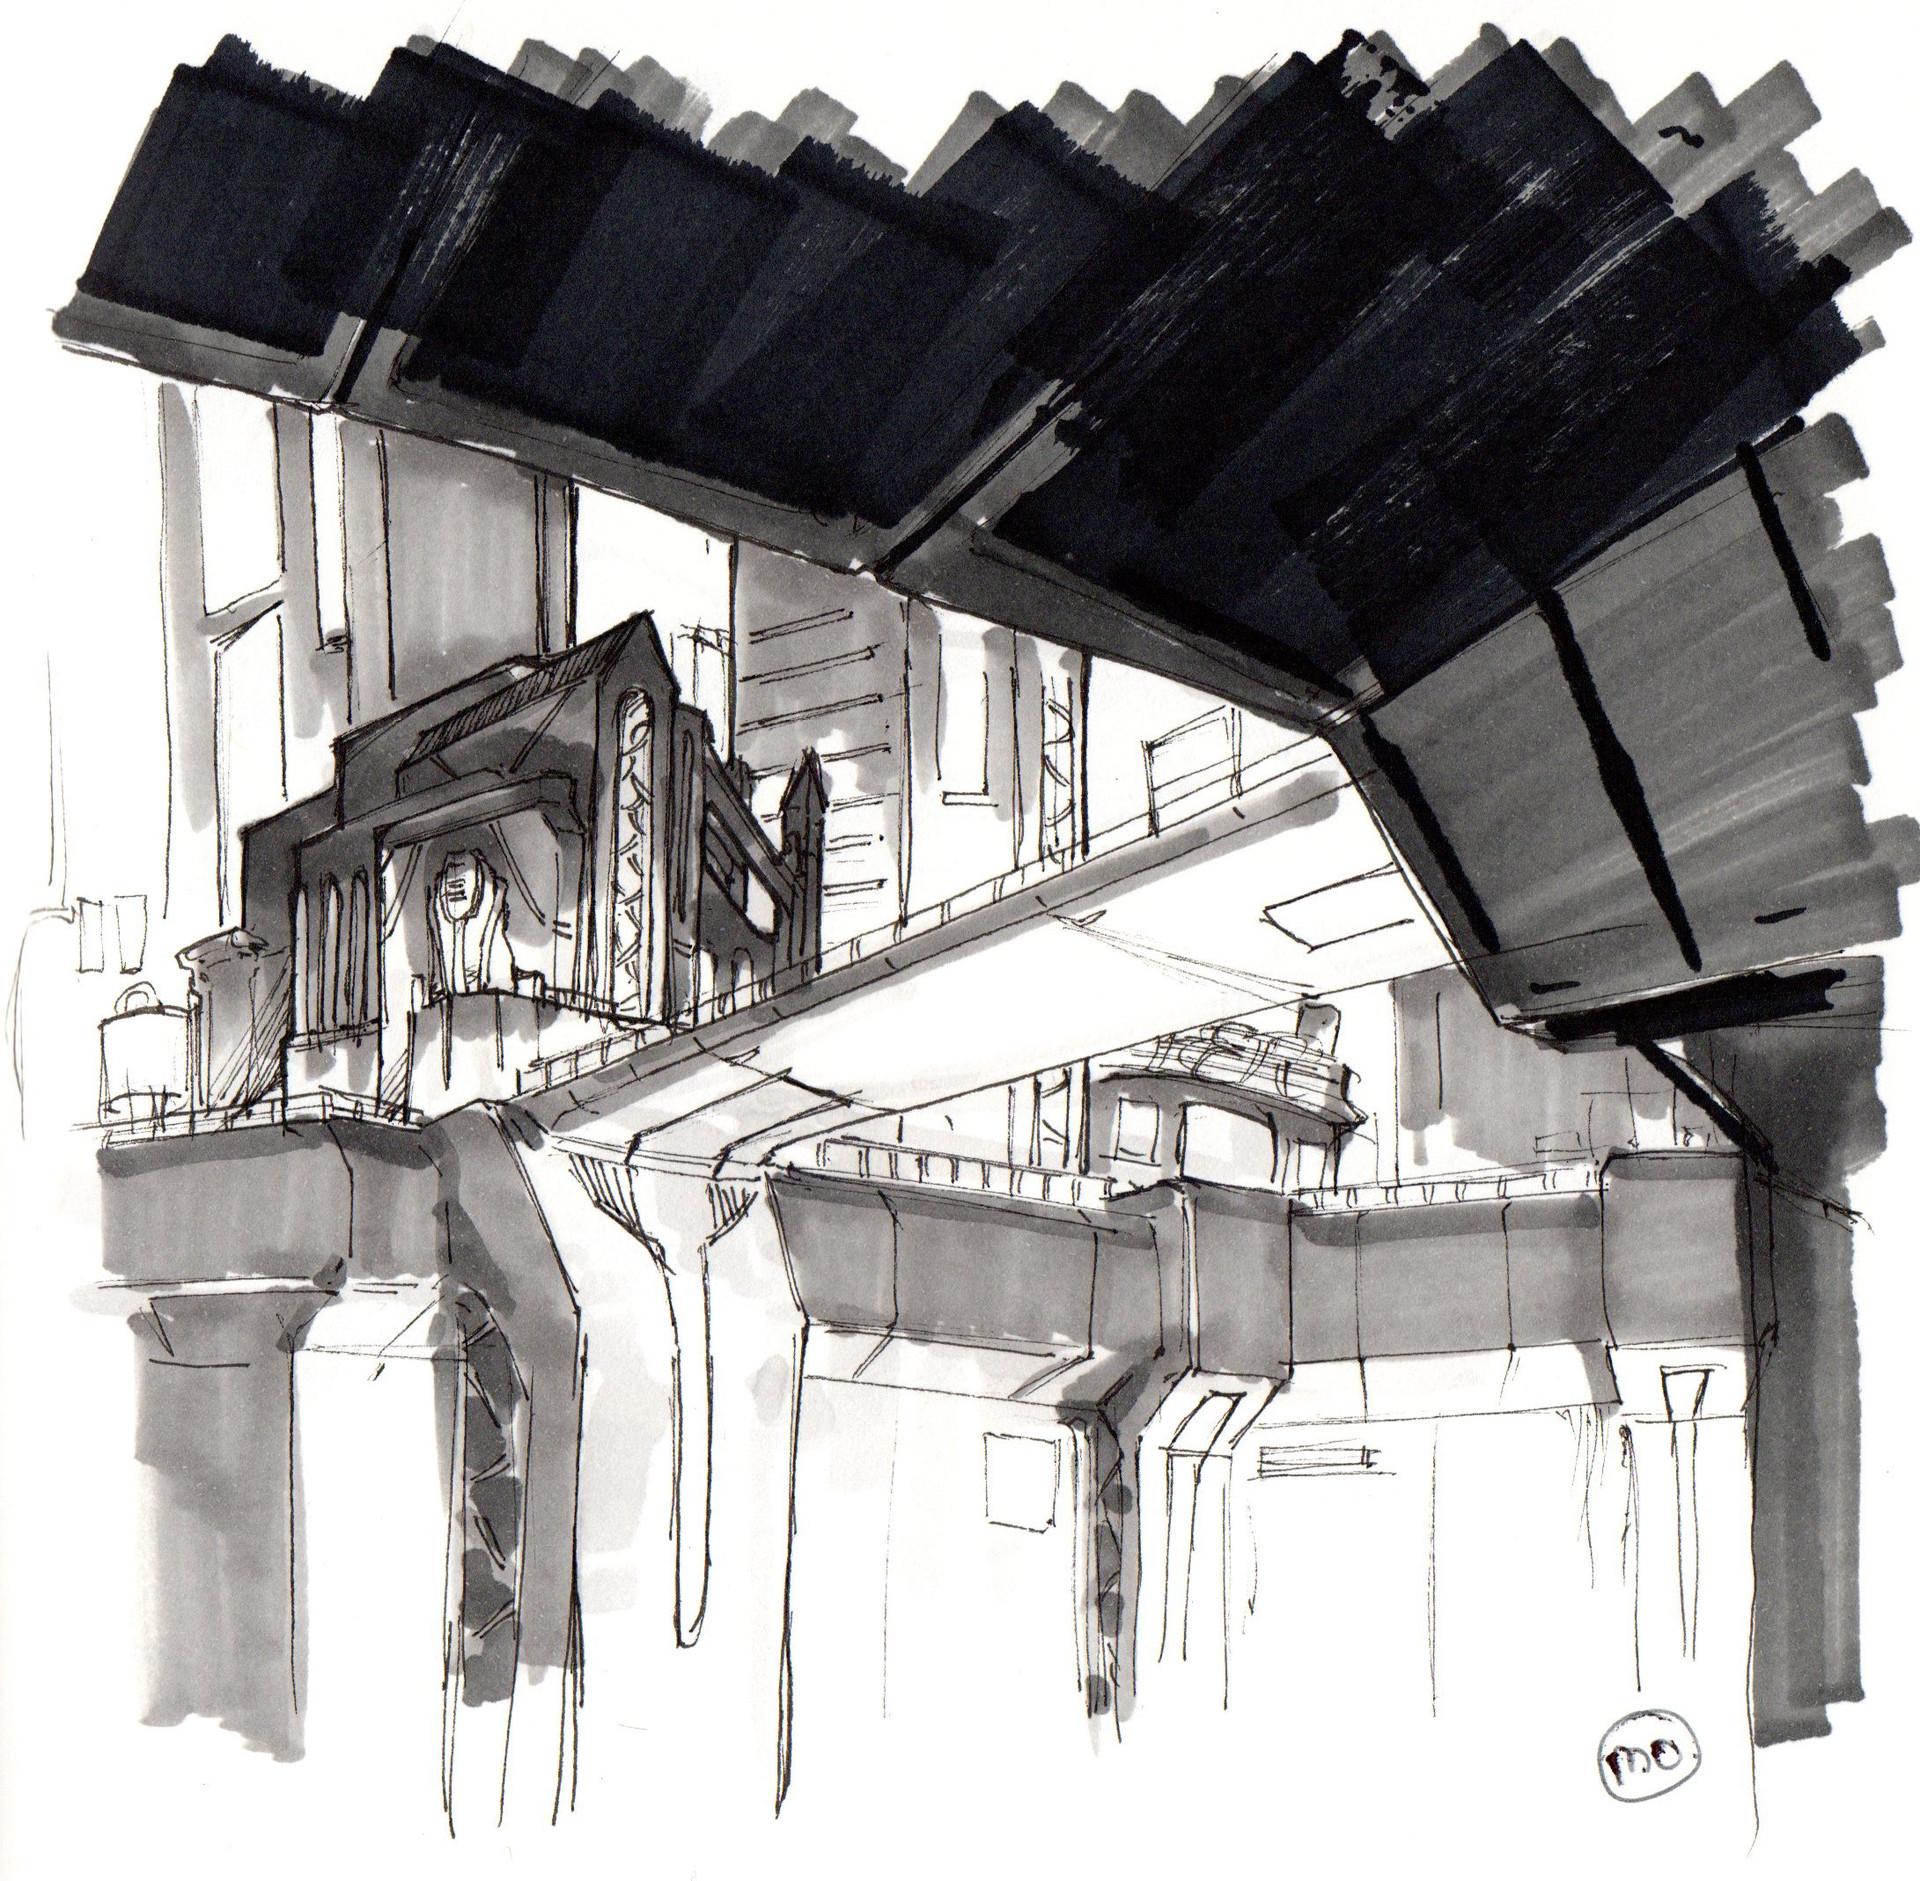 Old sci-fi cyberpunk city sketch